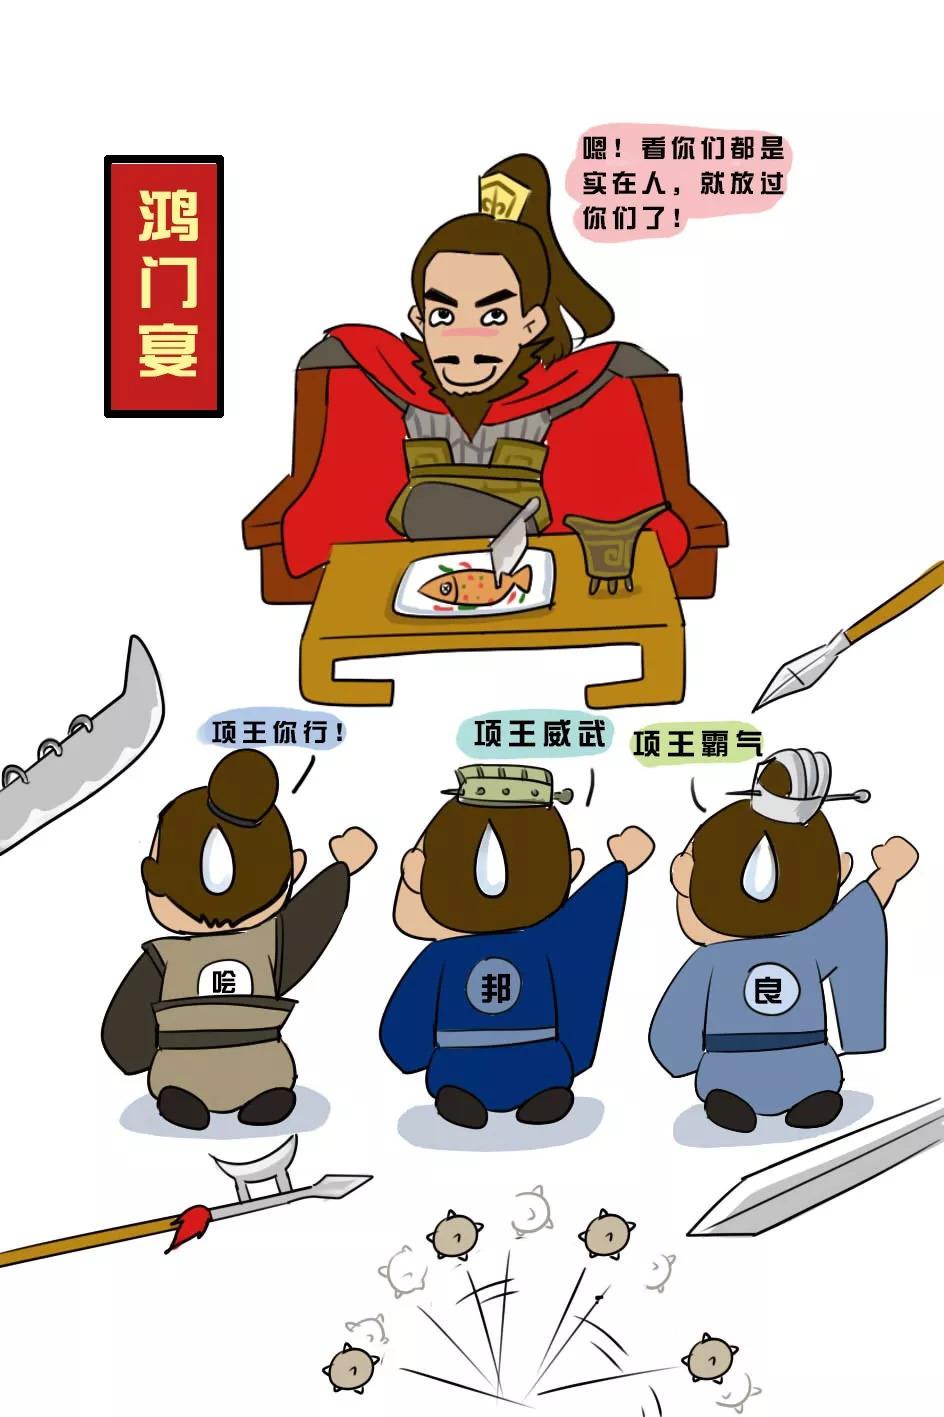 刘邦战胜项羽的原因&让刘邦战胜项羽的不是痞子气, 而是.图片